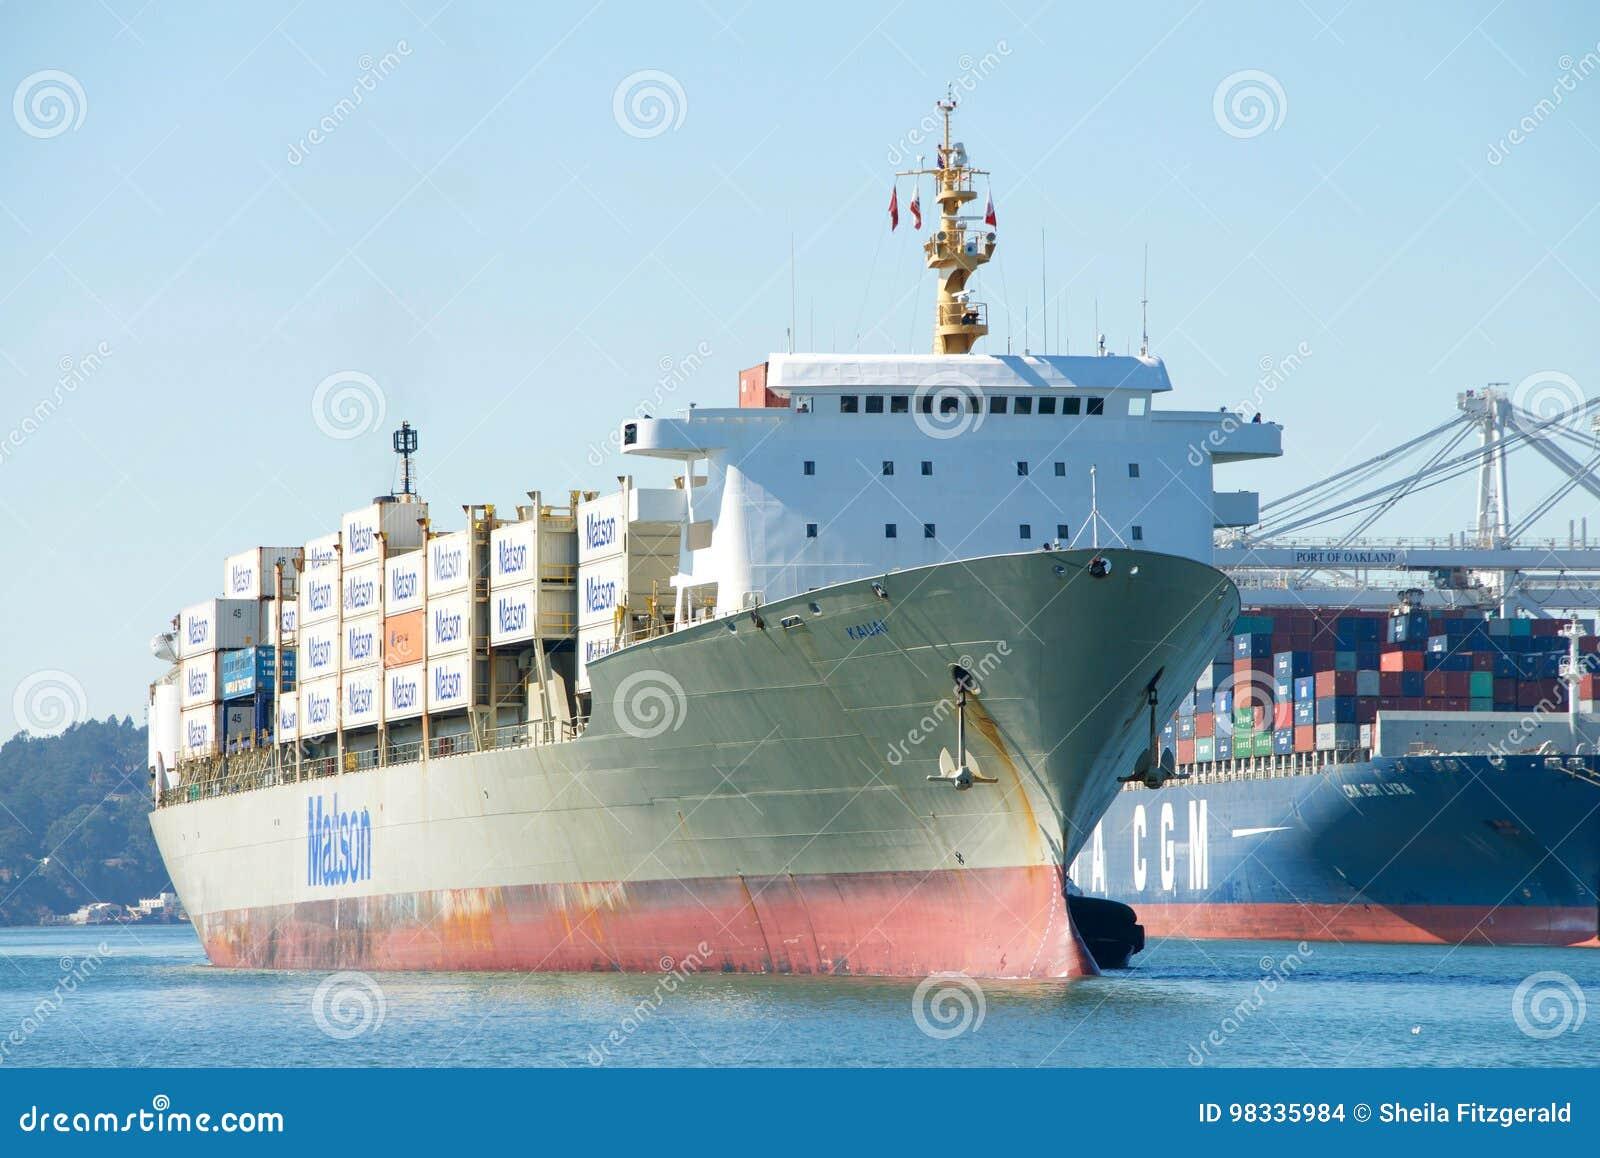 Matson Cargo Ship KAUAI Entering The Port Of Oakland